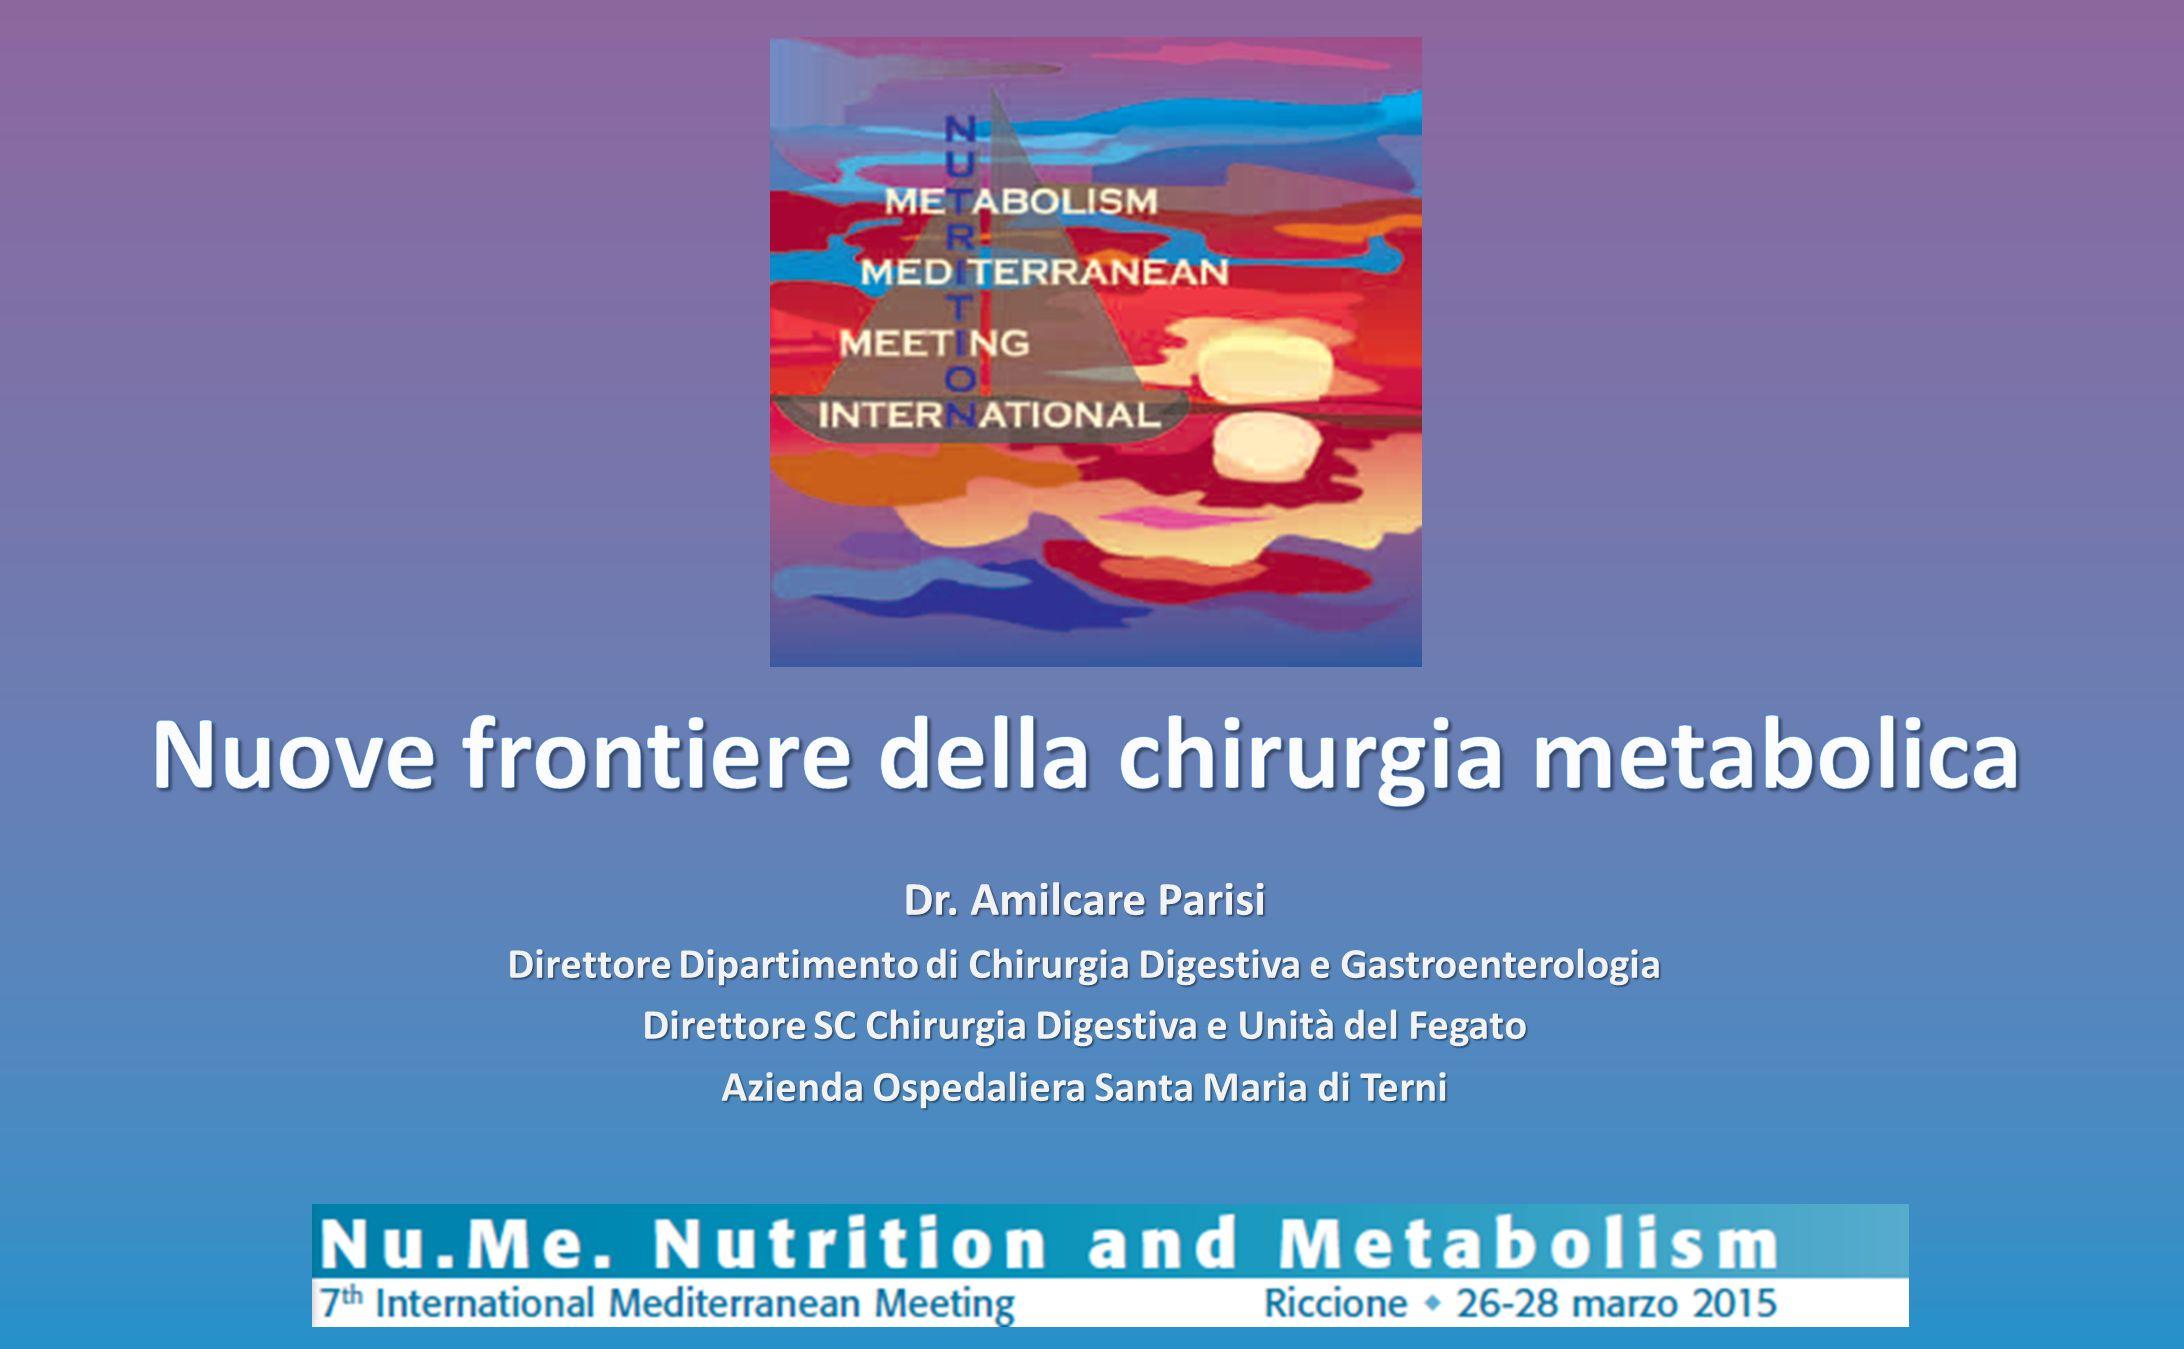 Nuove frontiere della chirurgia metabolica